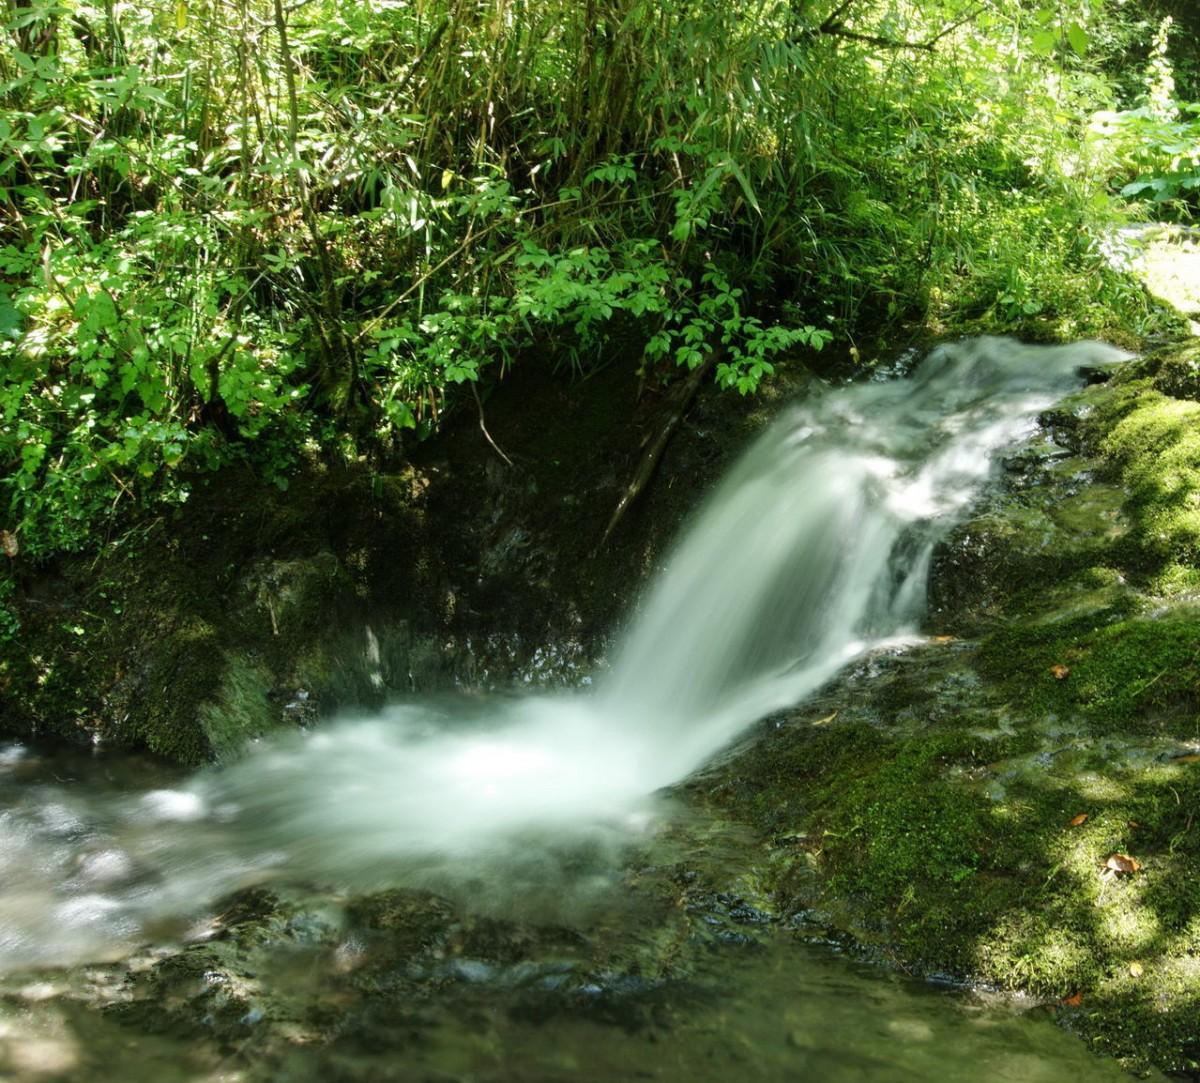 【资讯】鄂渝成立自然保护地联盟    十堰两保护区入列